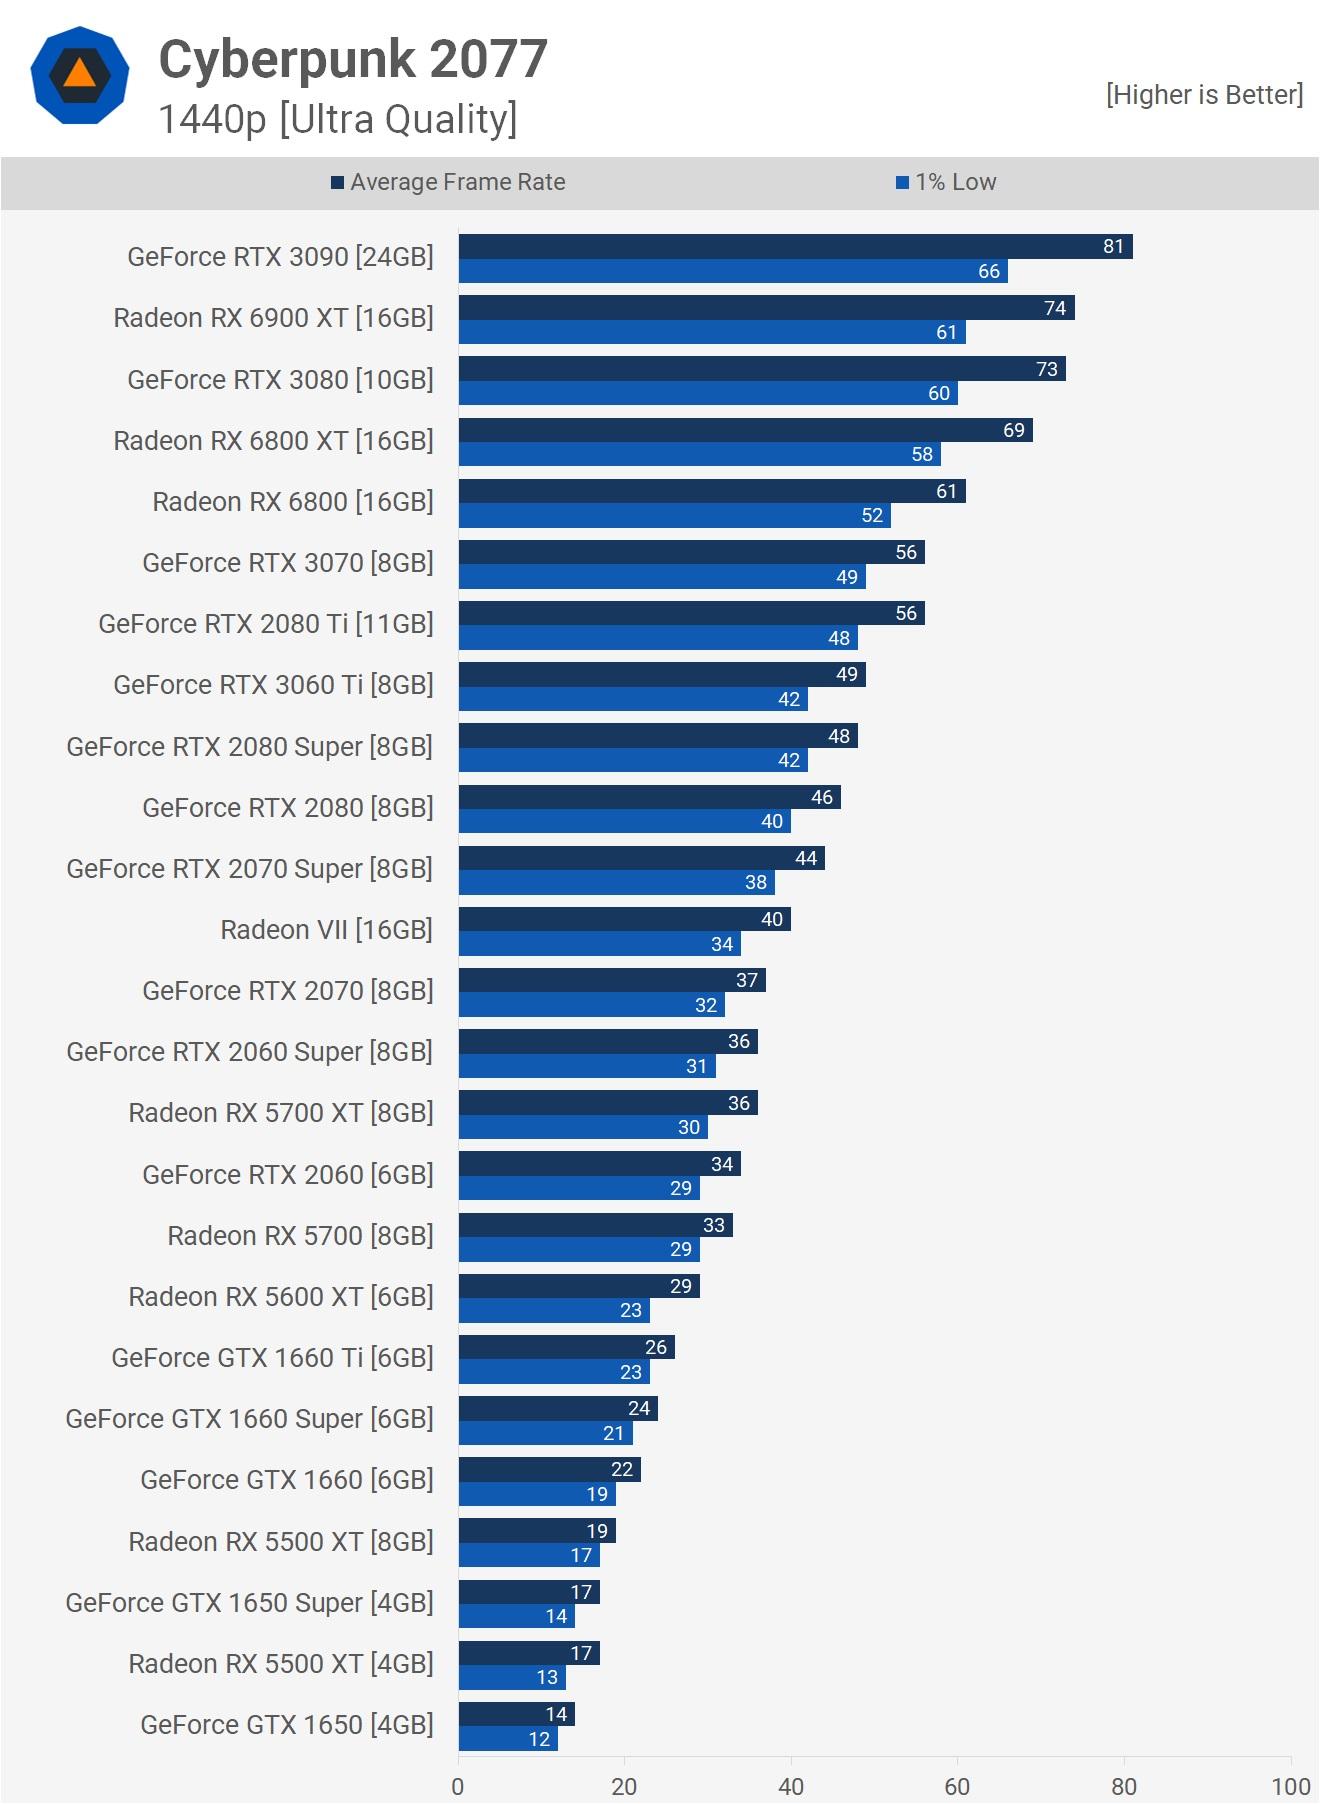 Результаты на 1440p и настройках Ультра